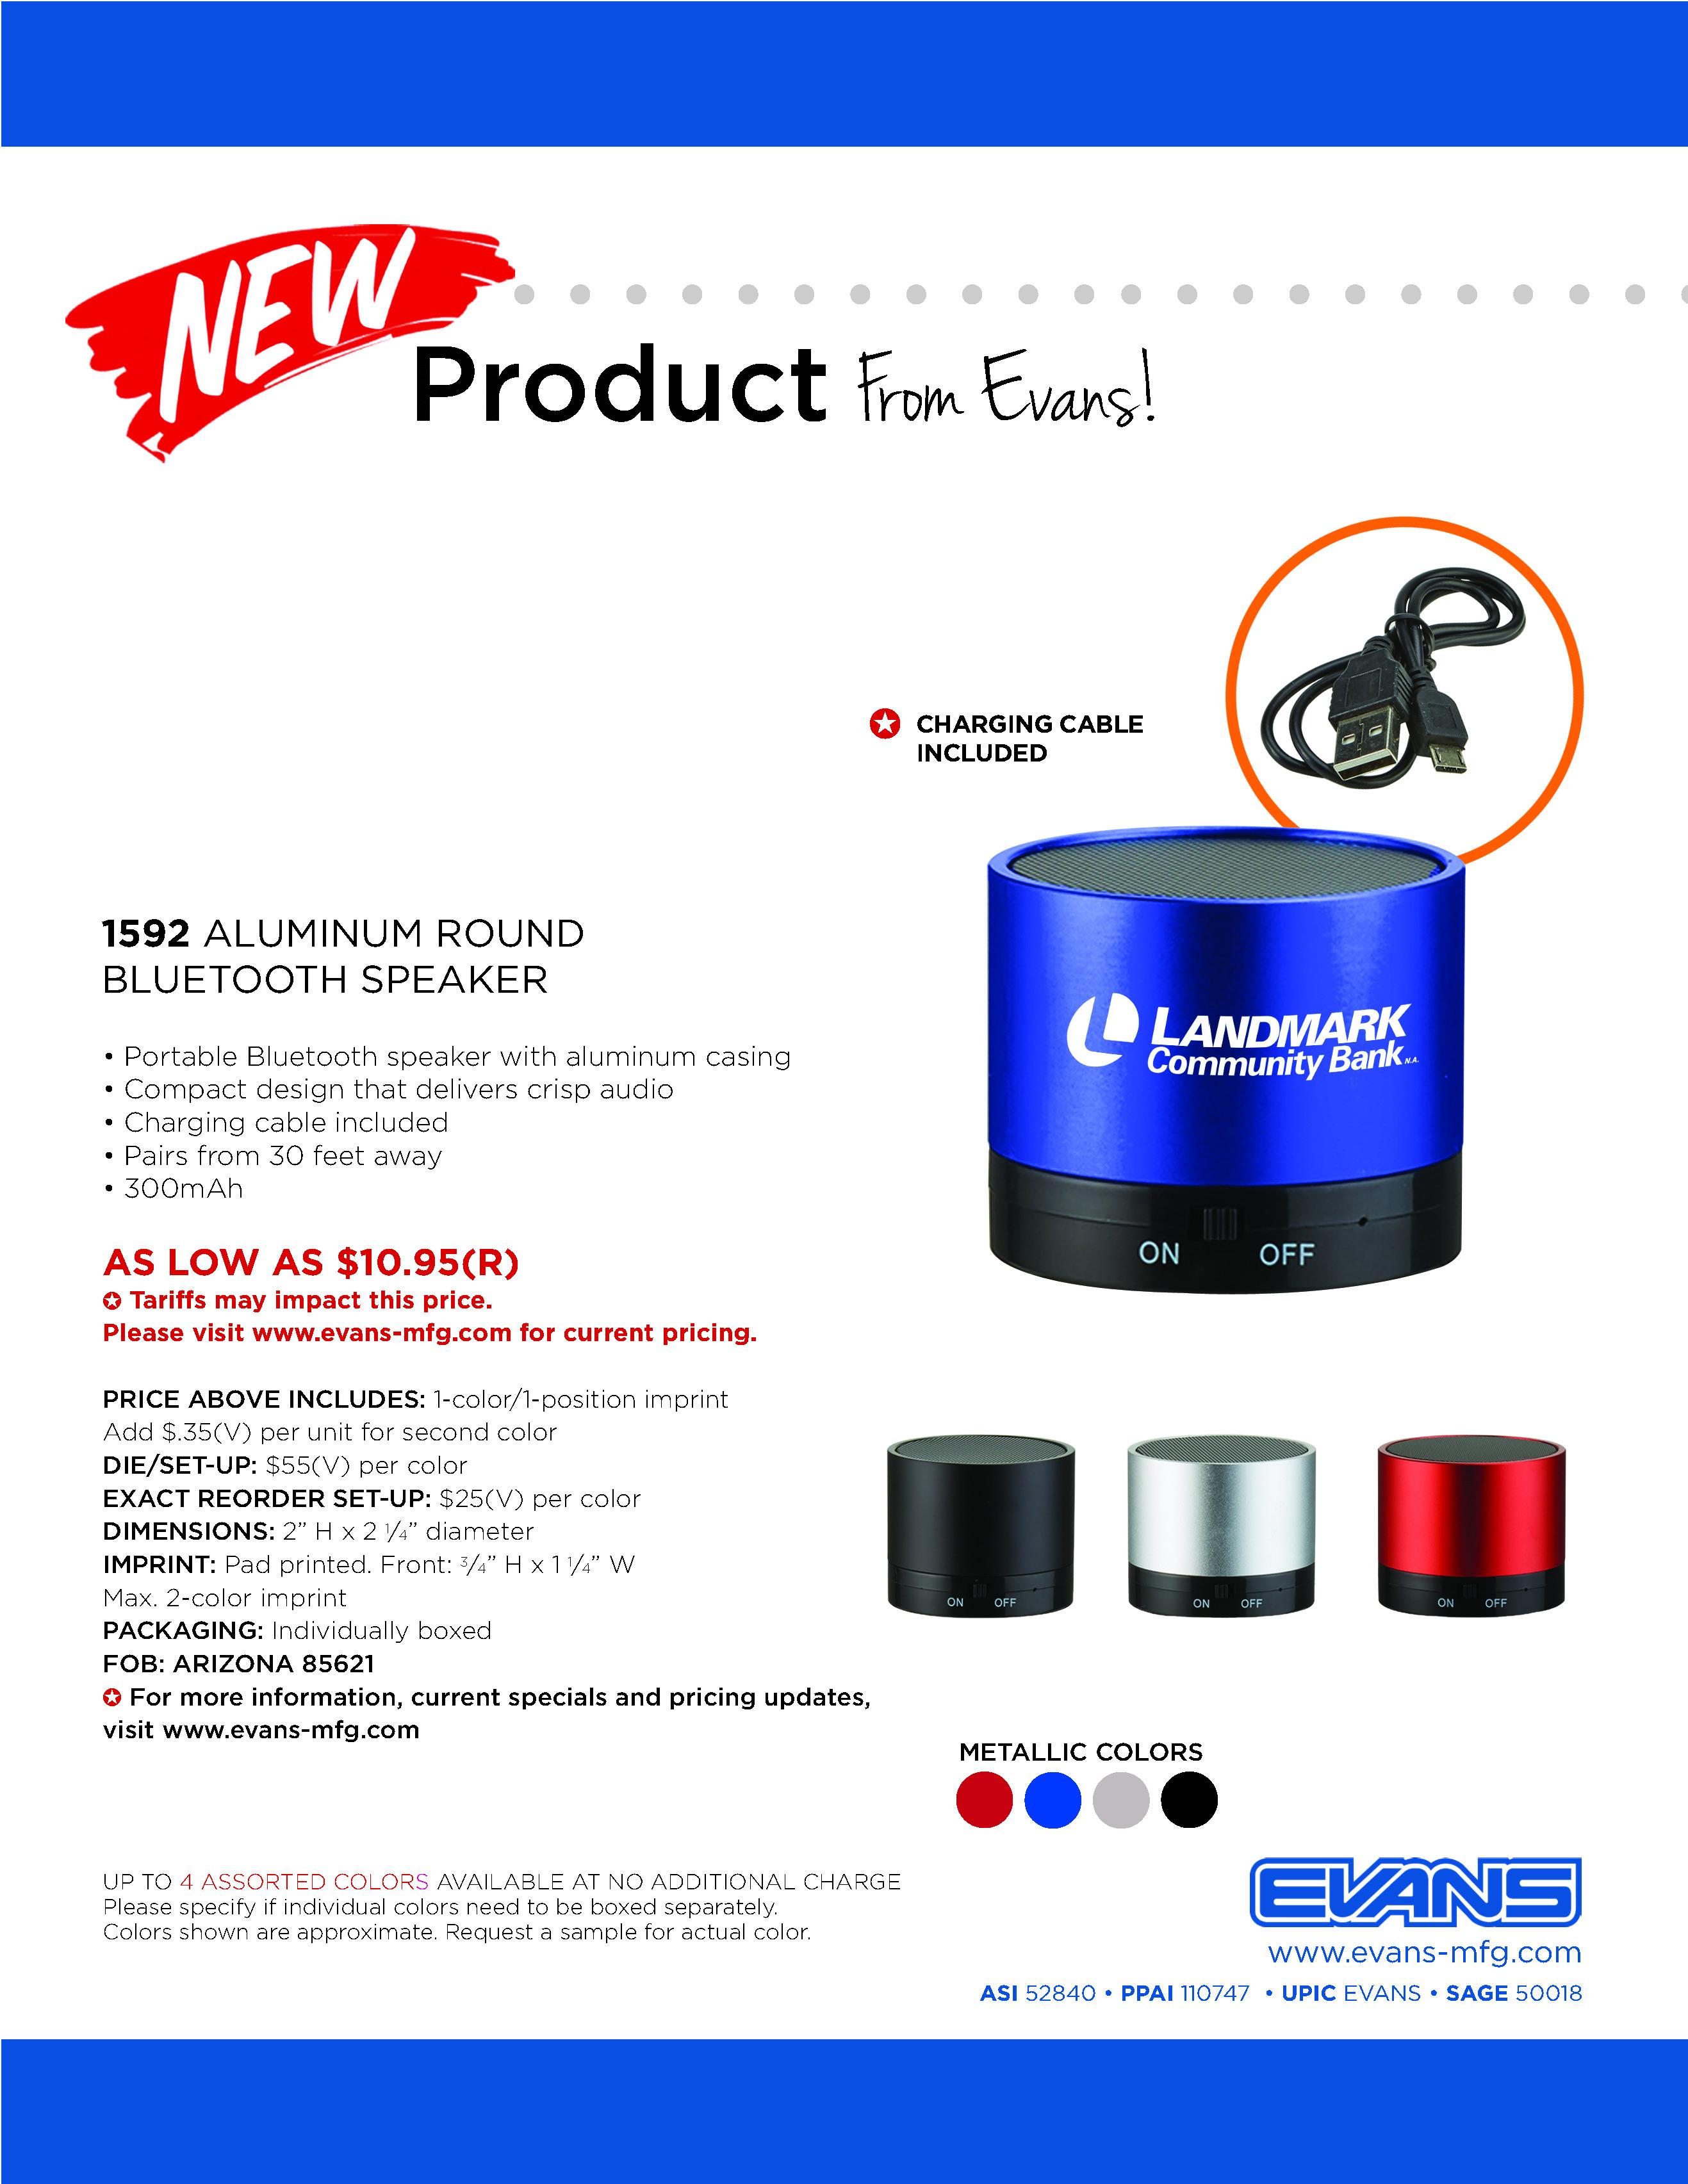 1592 Aluminum Round Bluetooth Speaker